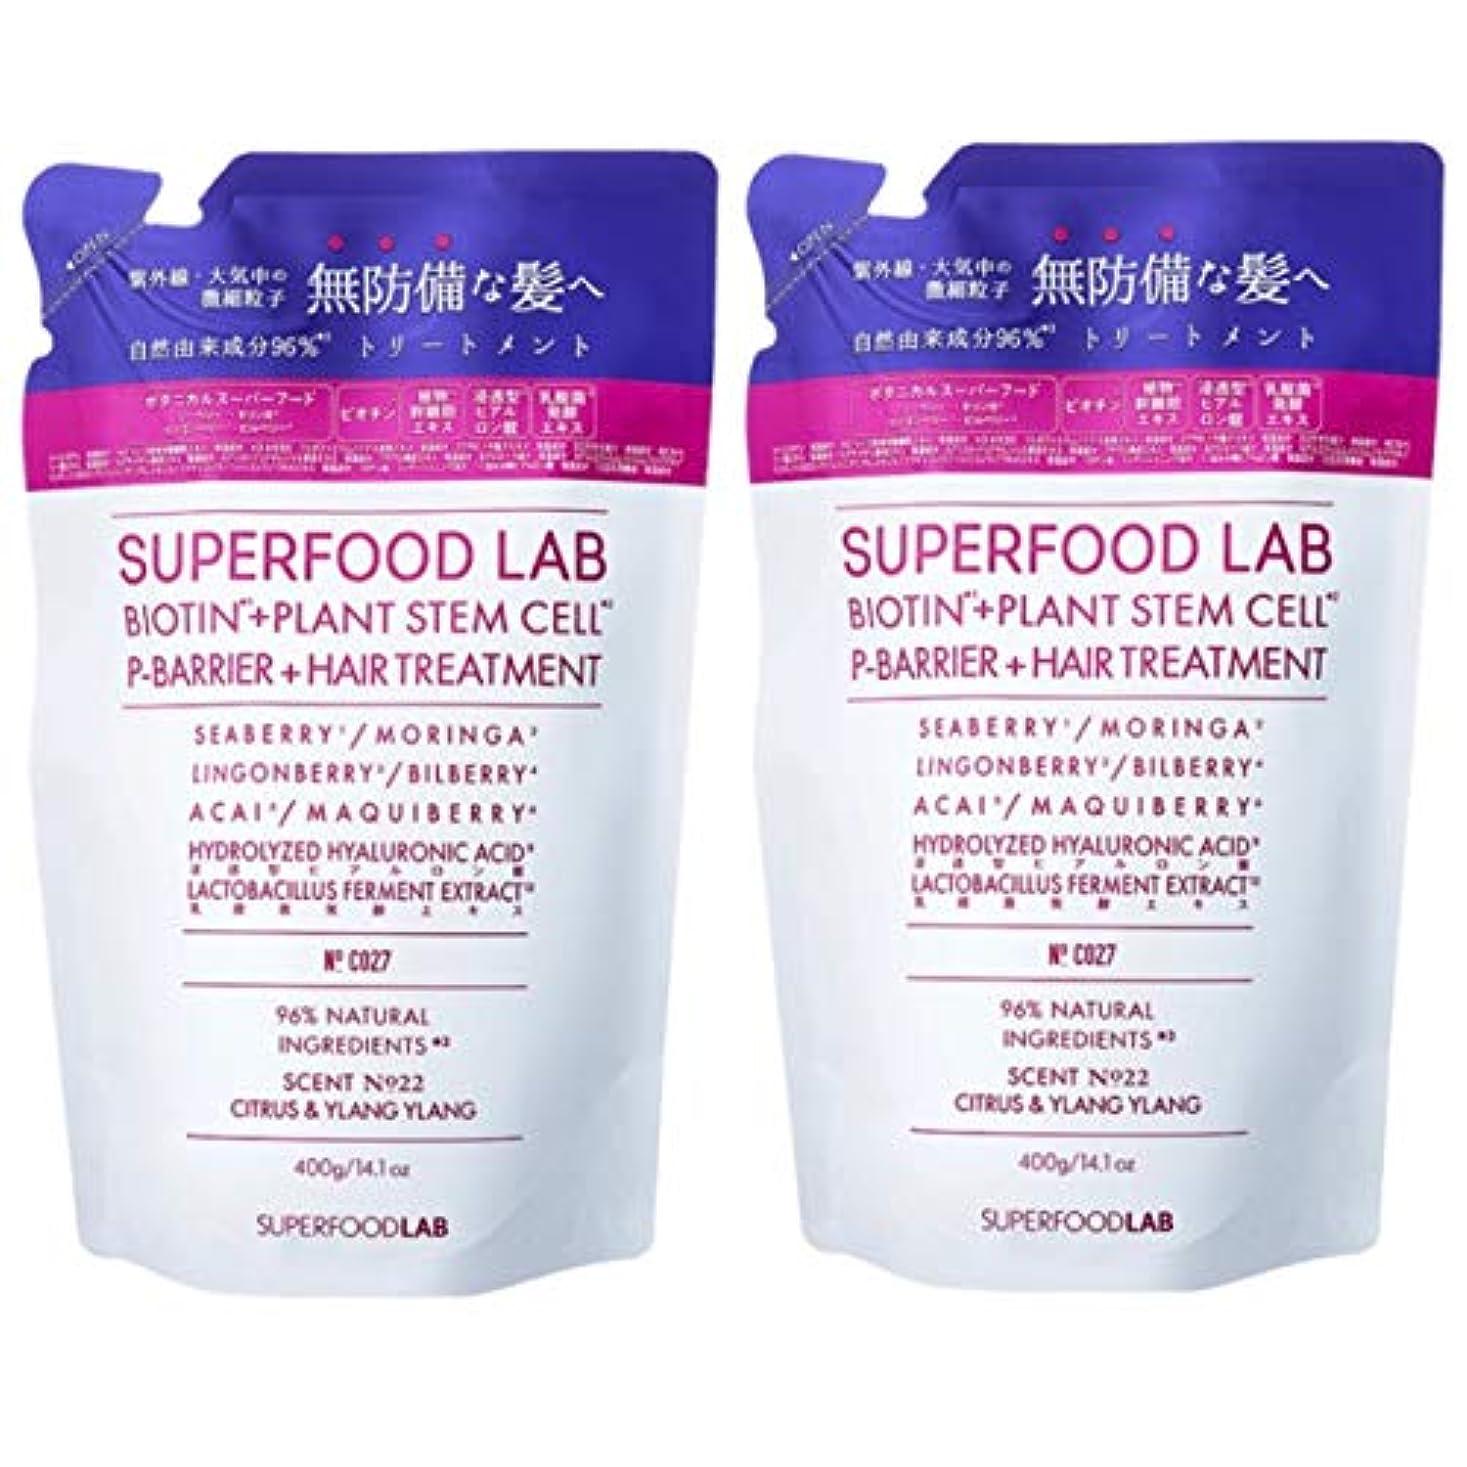 補償特異性ゼリーSUPERFOOD LAB(スーパーフードラボ)ビオチン配合【紫外線】Pバリア 無添加 トリートメント リフィル 【400ml×2個セット】